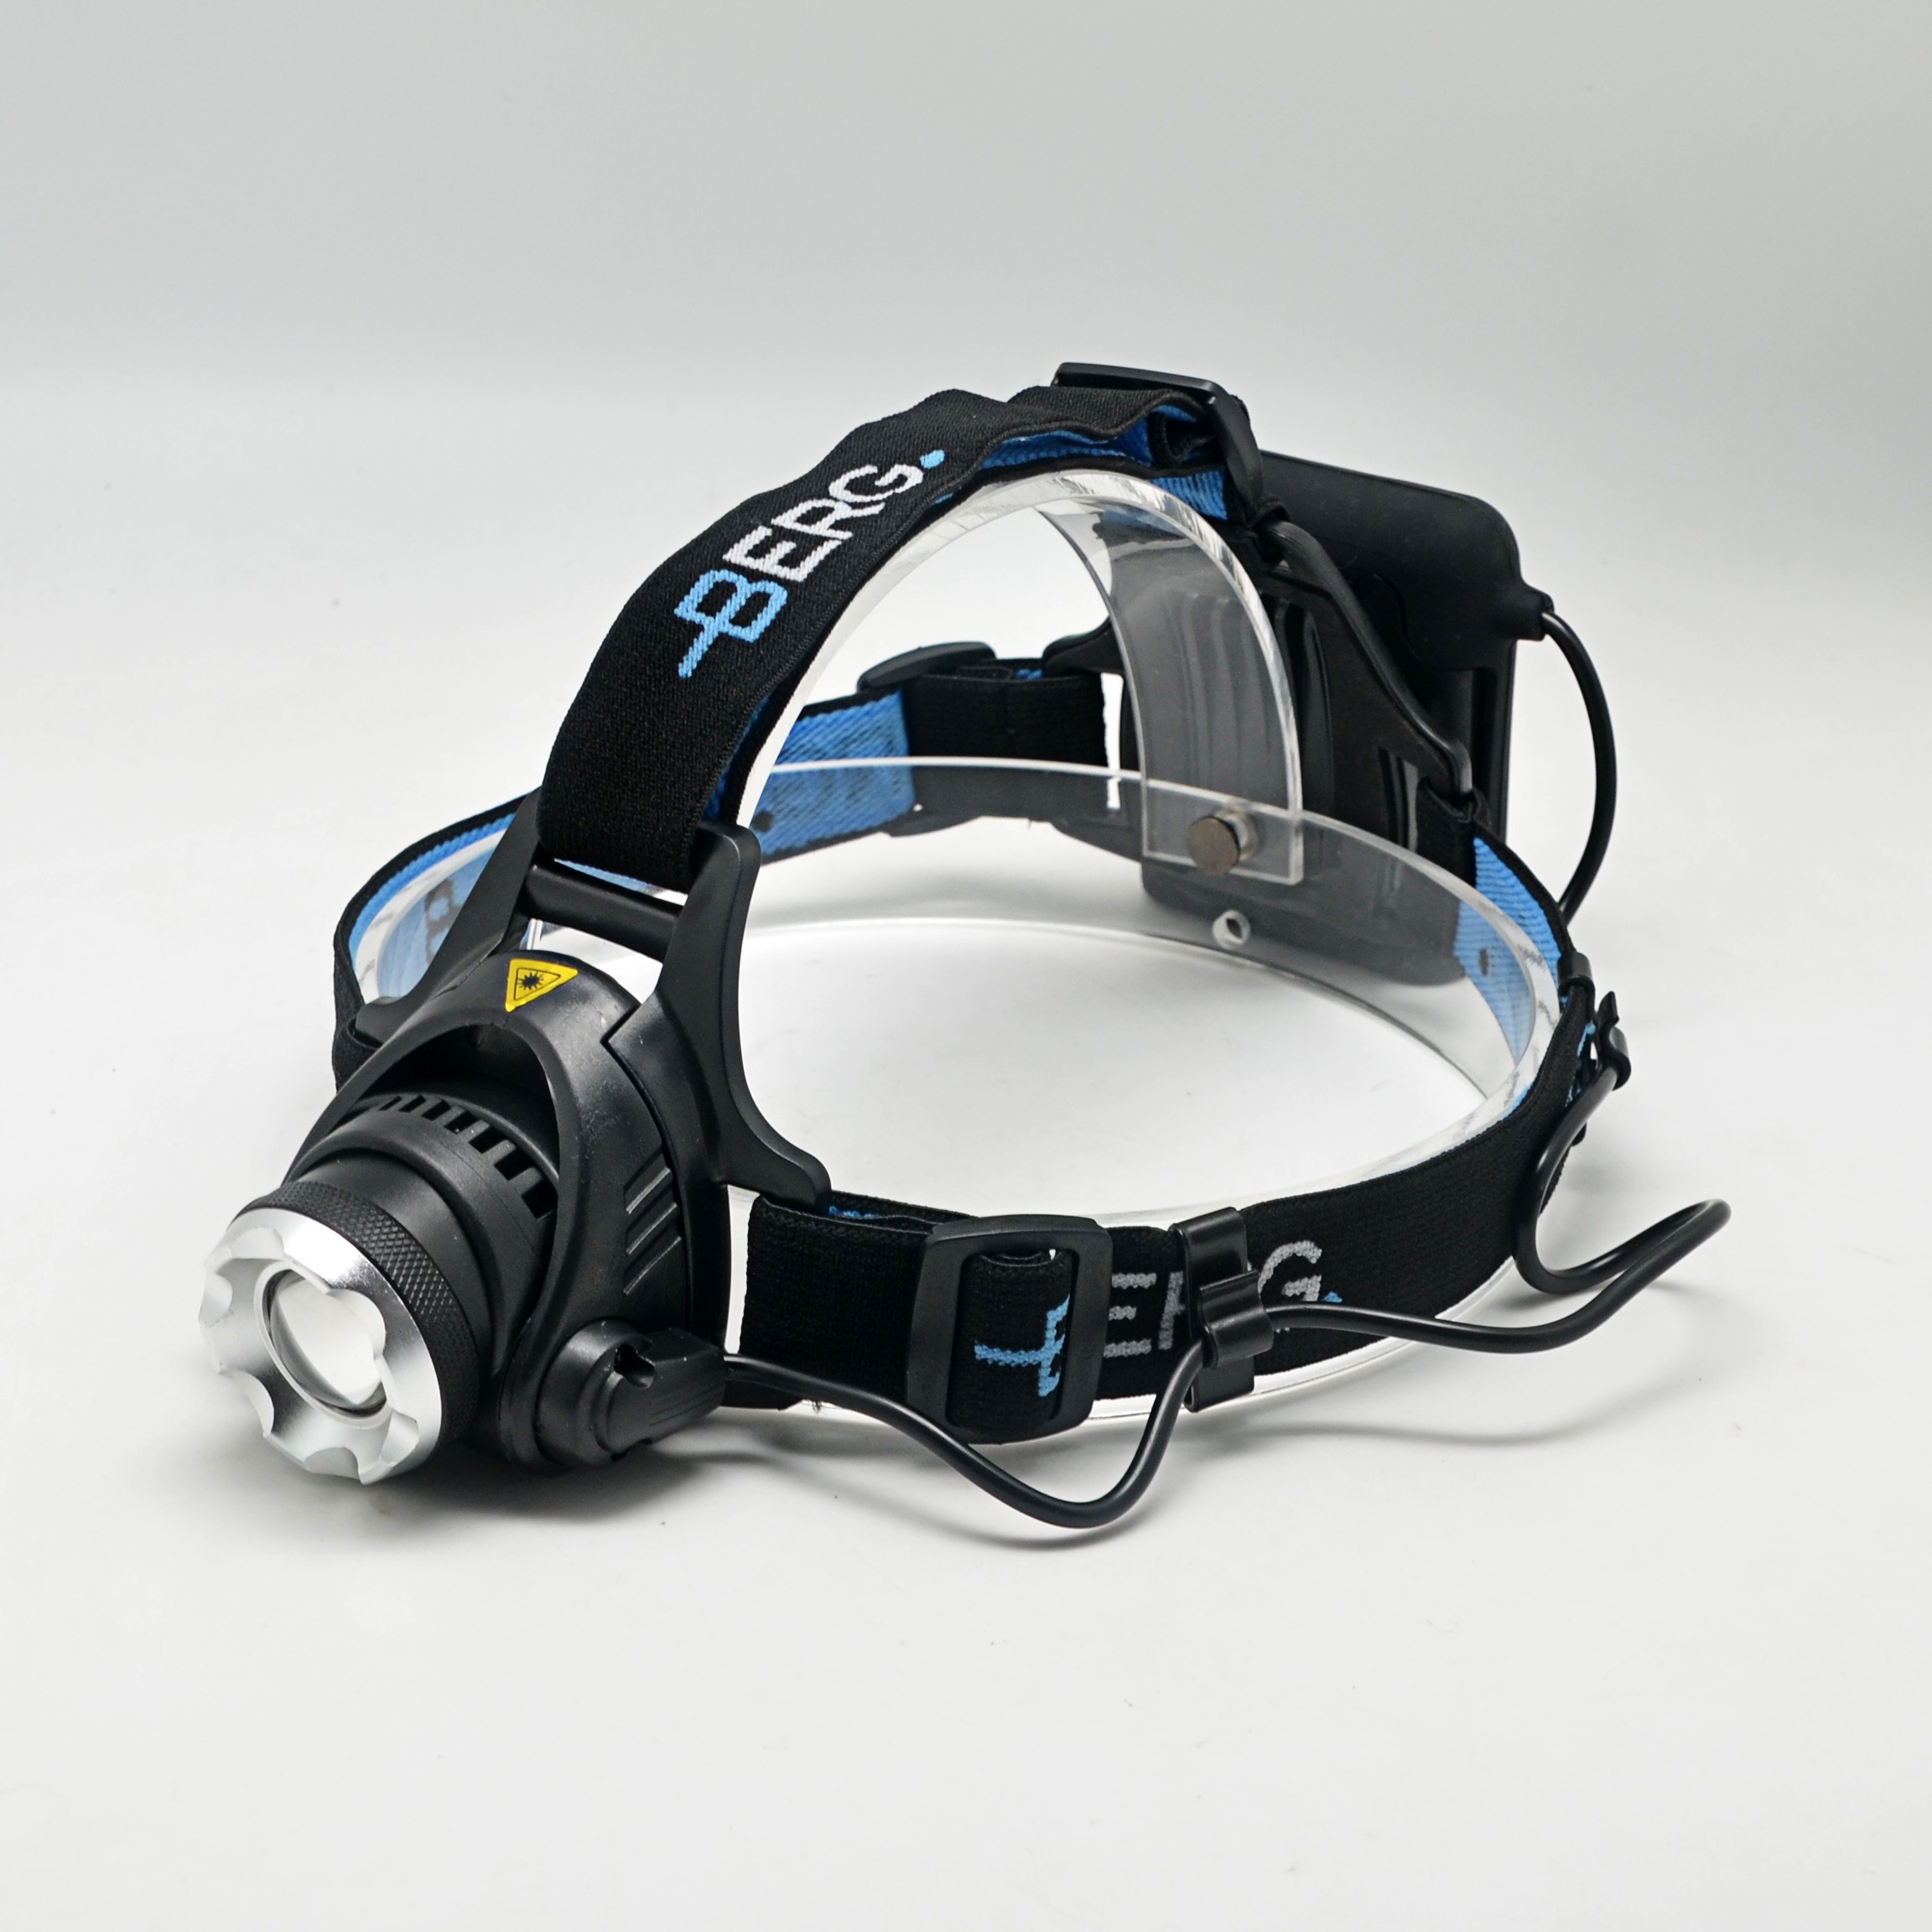 Taskulamput, otsavalot ja riistakamerat